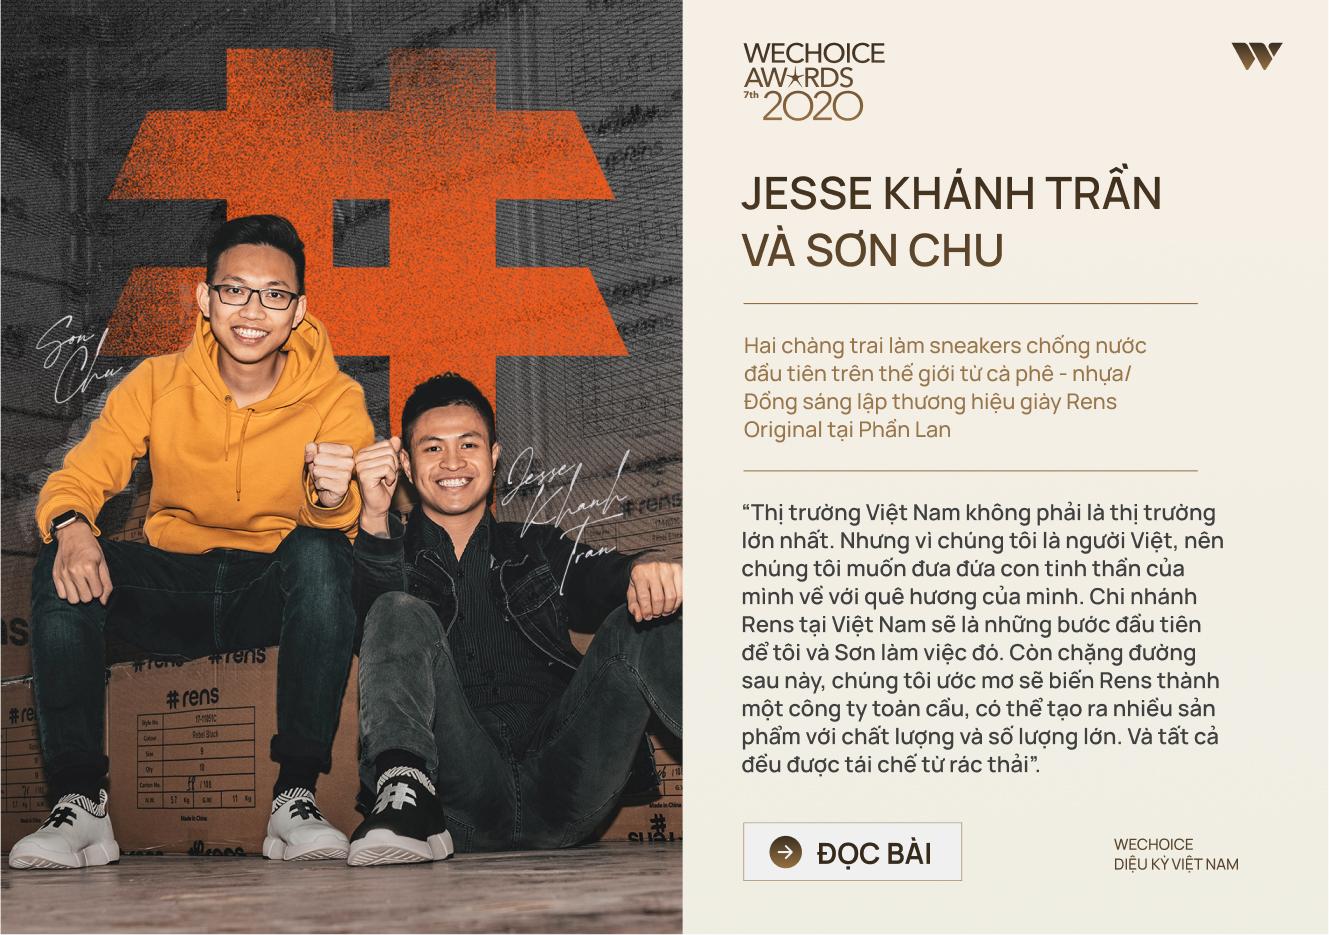 20 đề cử nhân vật truyền cảm hứng của WeChoice Awards 2020: Những câu chuyện tạo nên Diệu kỳ Việt Nam - Ảnh 4.